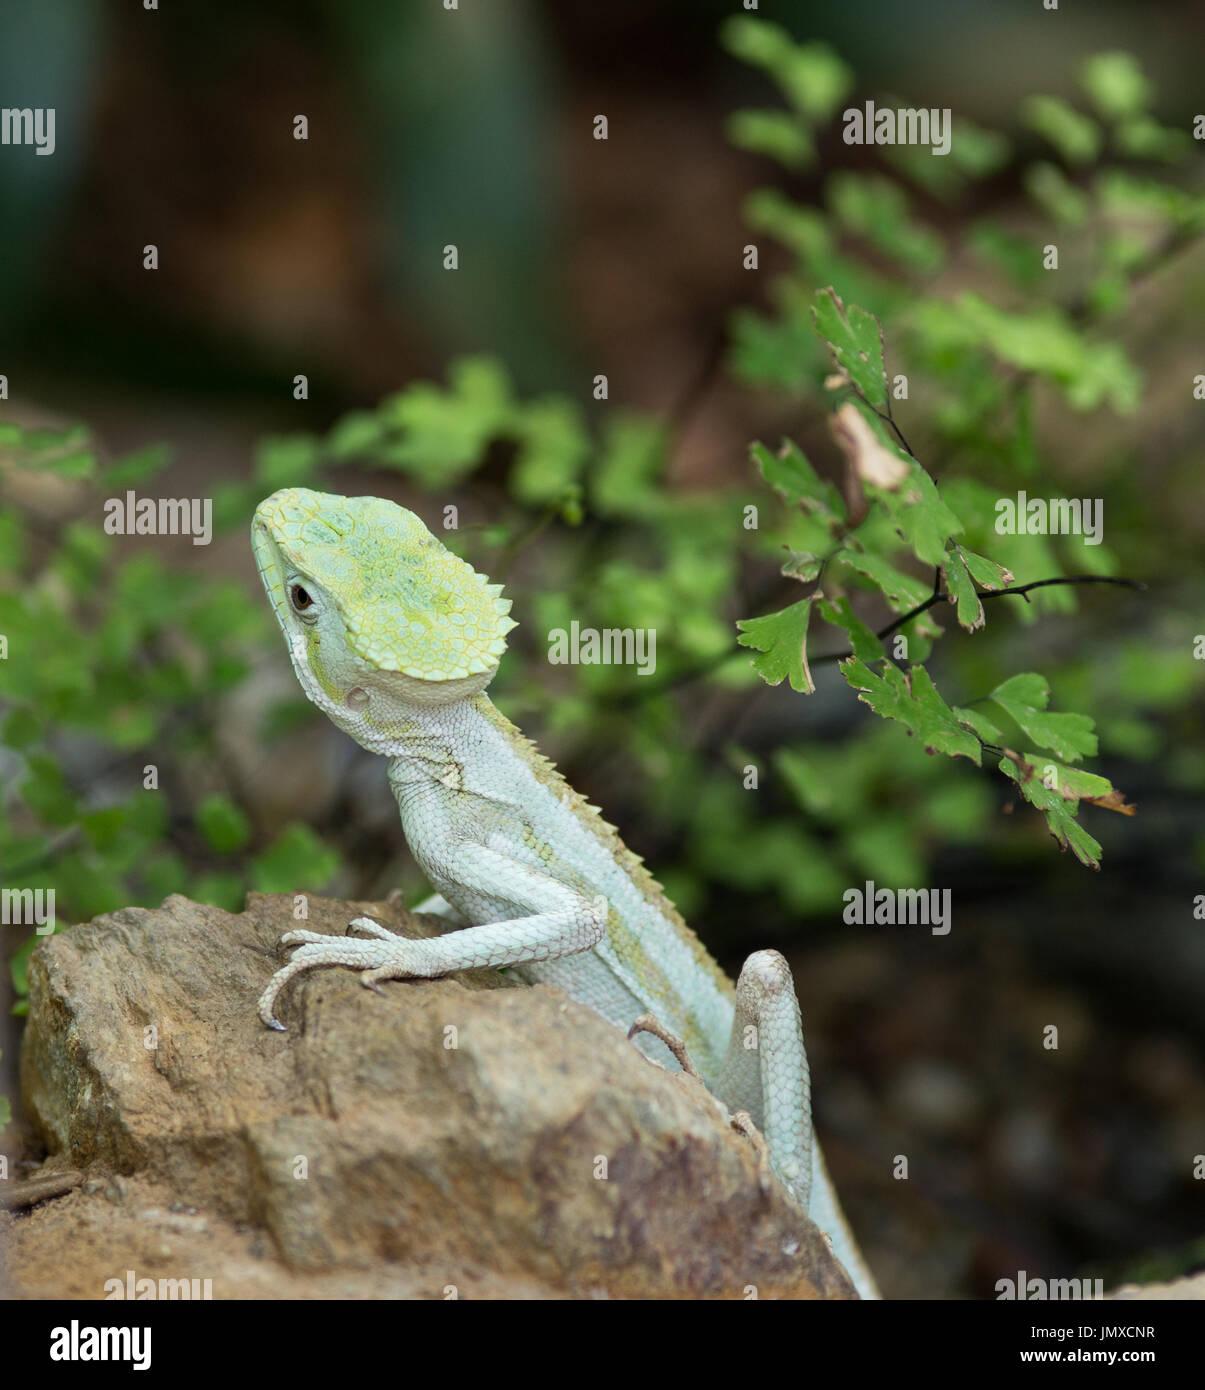 Portrait de lézard basilisk dentelée debout sur rock avec des feuilles en arrière-plan Photo Stock